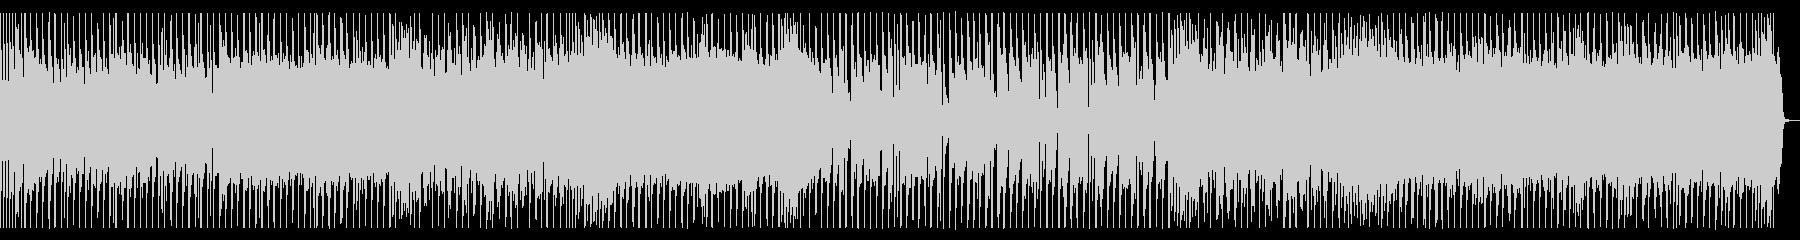 ワクワクした気持ちが溢れるロック_2の未再生の波形